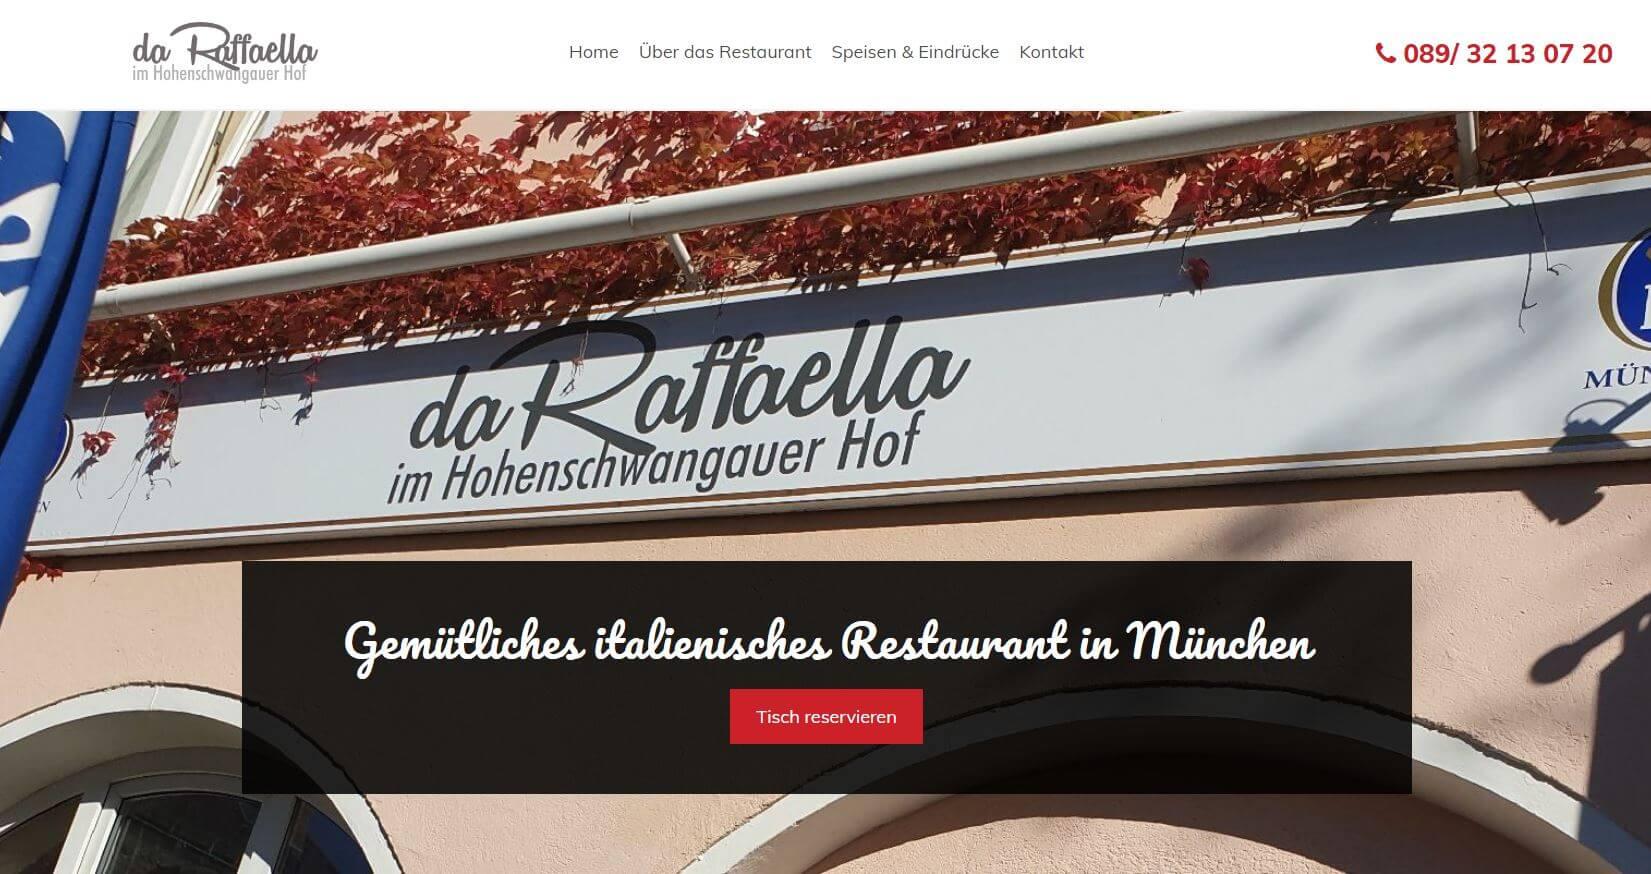 Screeshot Da Raffaella Restaurant